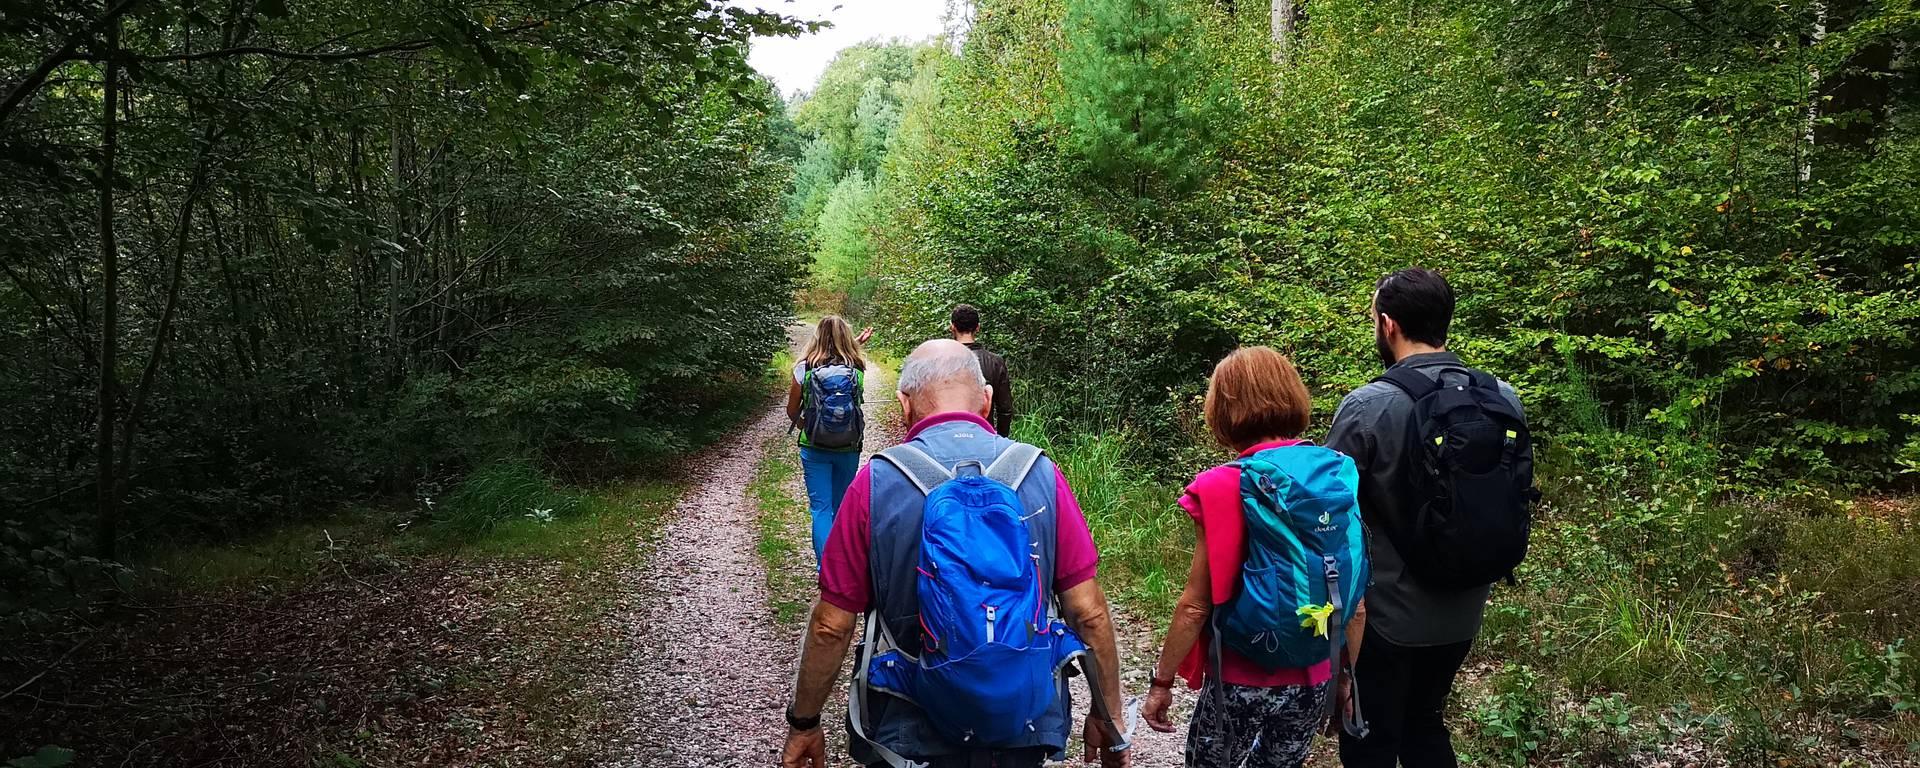 Randonnée avec Albane Sortie des routes - Randonner à Epinal et autour - Accompagnateur randonnée Epinal